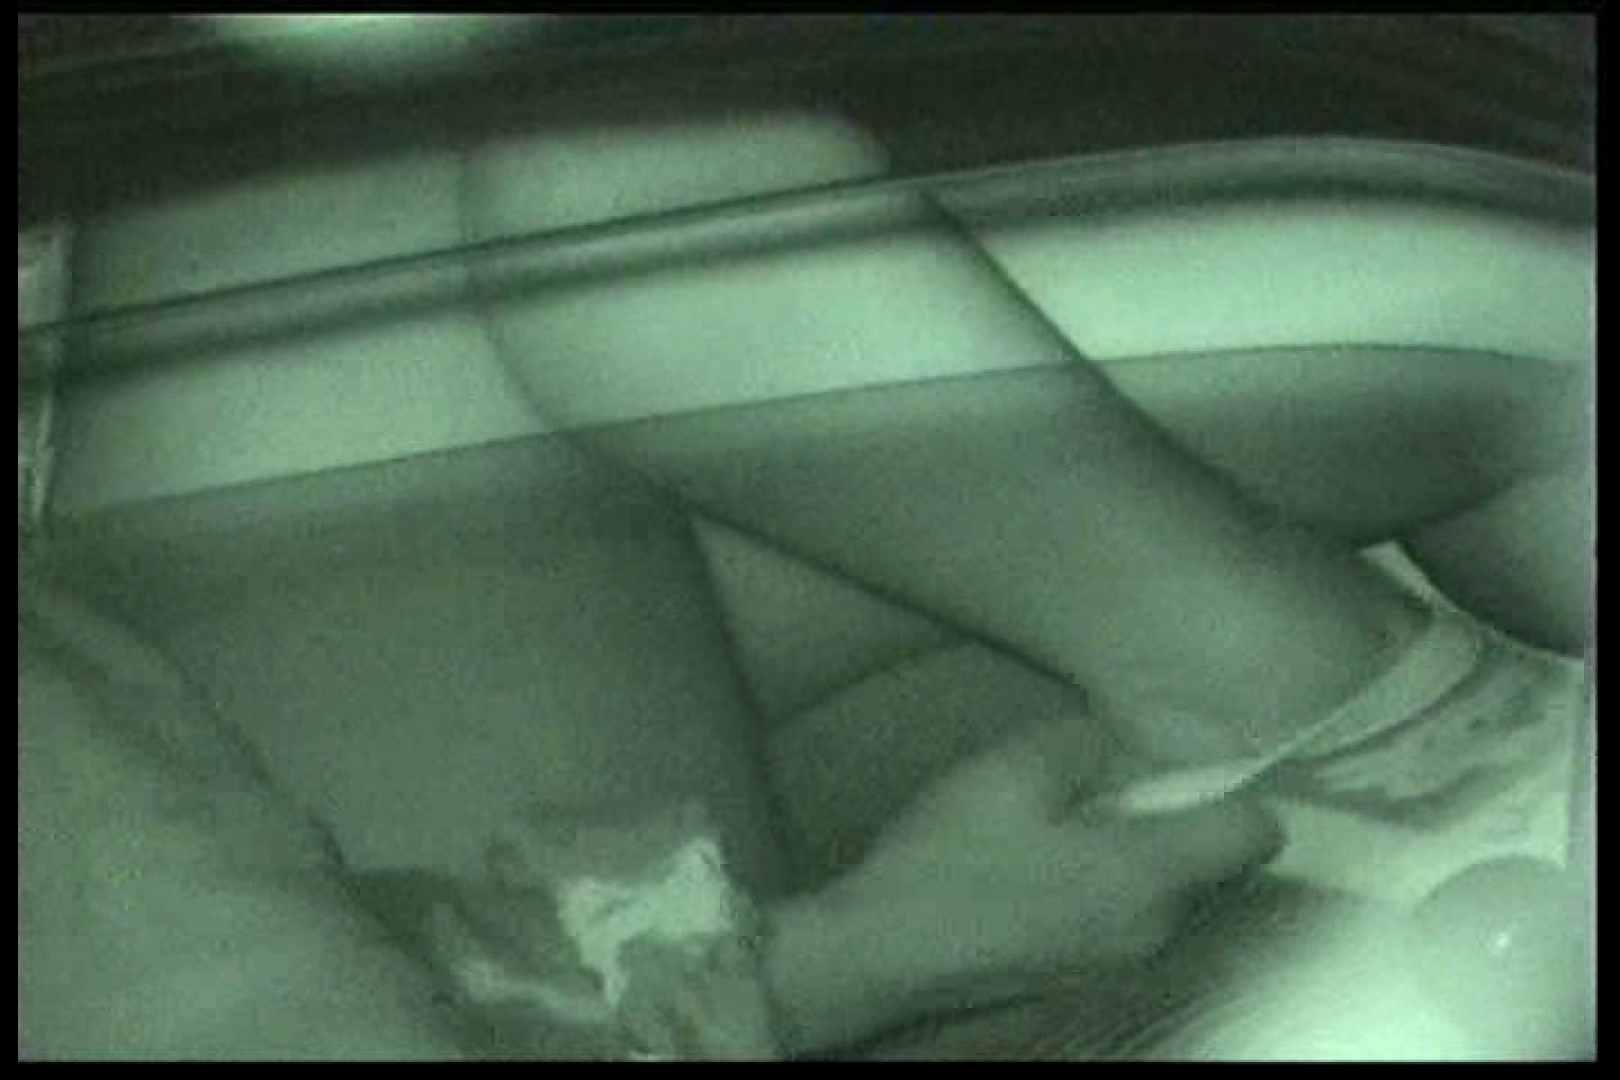 車の中はラブホテル 無修正版  Vol.13 ラブホテル 盗み撮り動画キャプチャ 65PIX 59